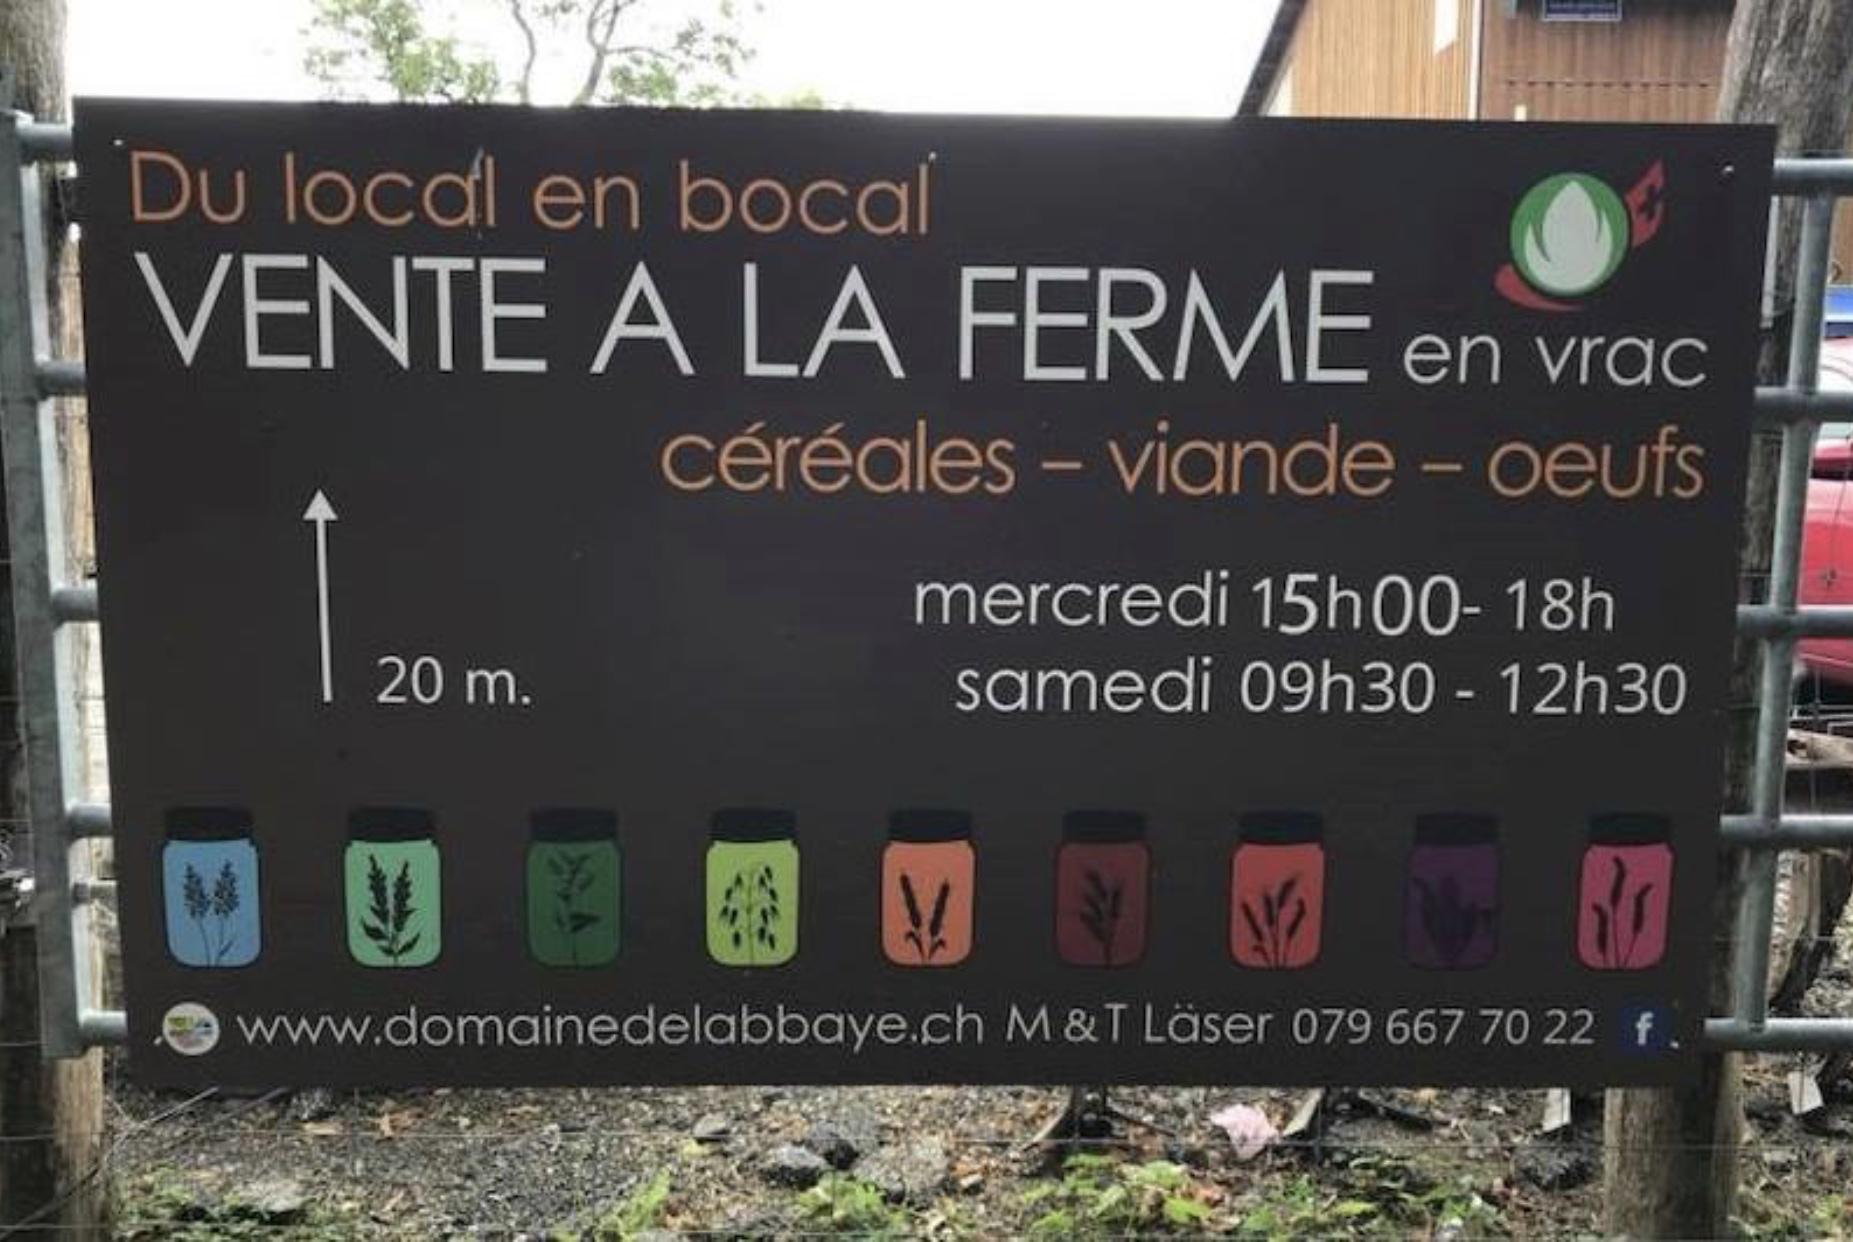 Domaine de l'Abbaye - horaires du local en bocal